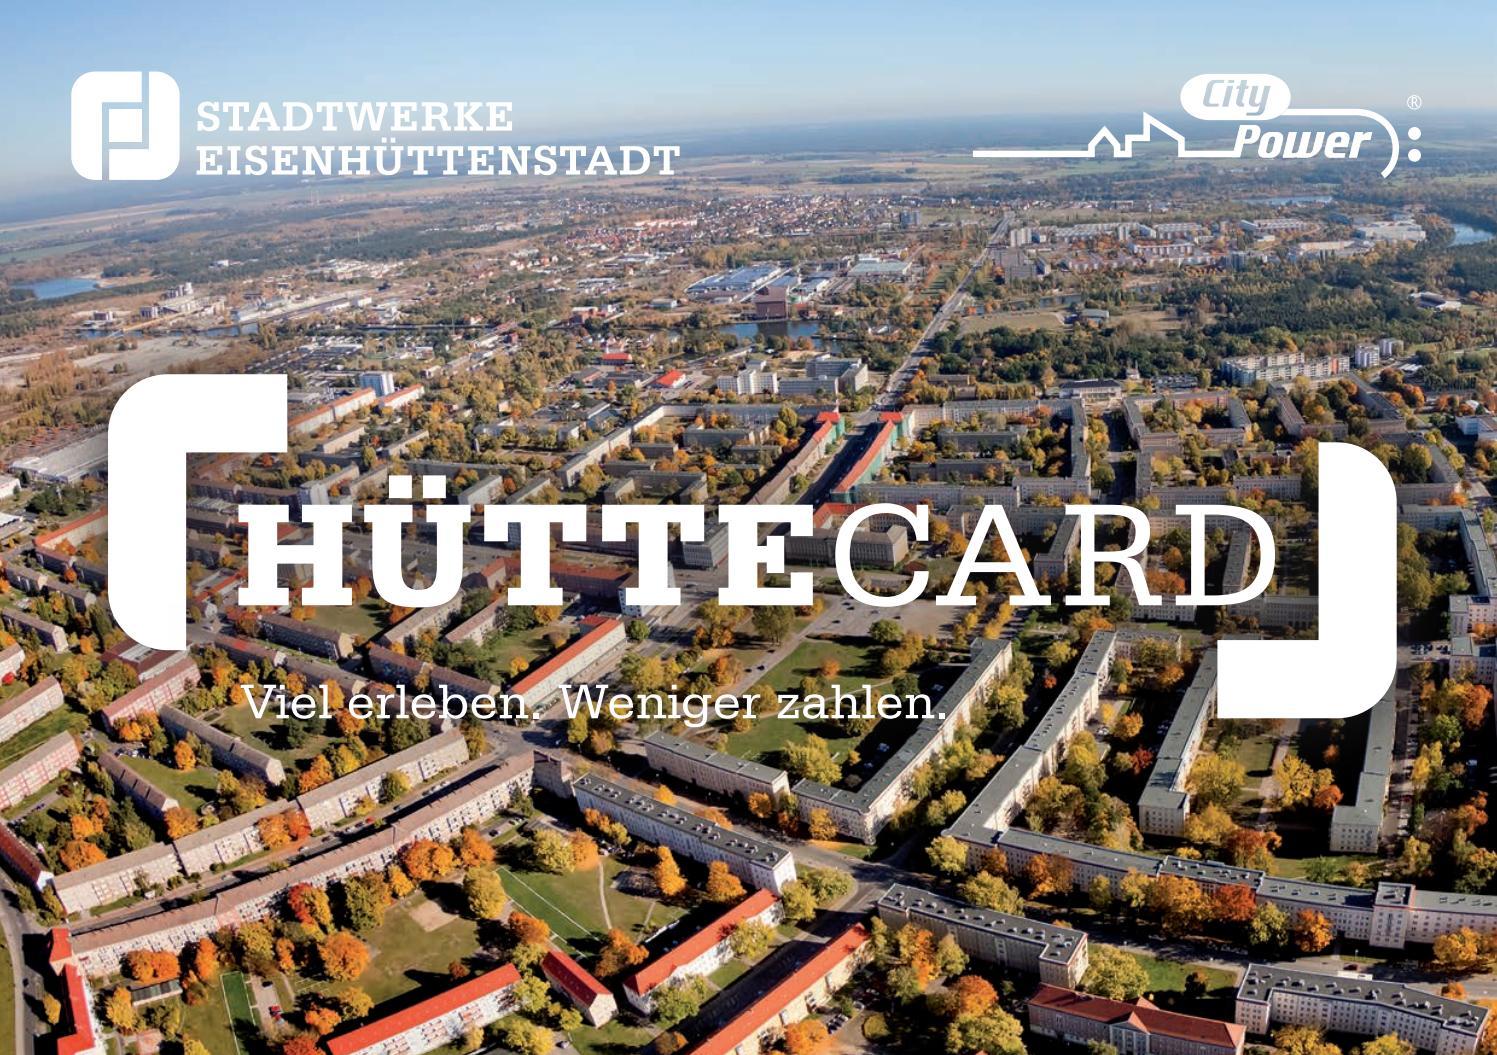 Huttecard Leistungstragerbroschure By Stadtwerke Eisenhuttenstadt